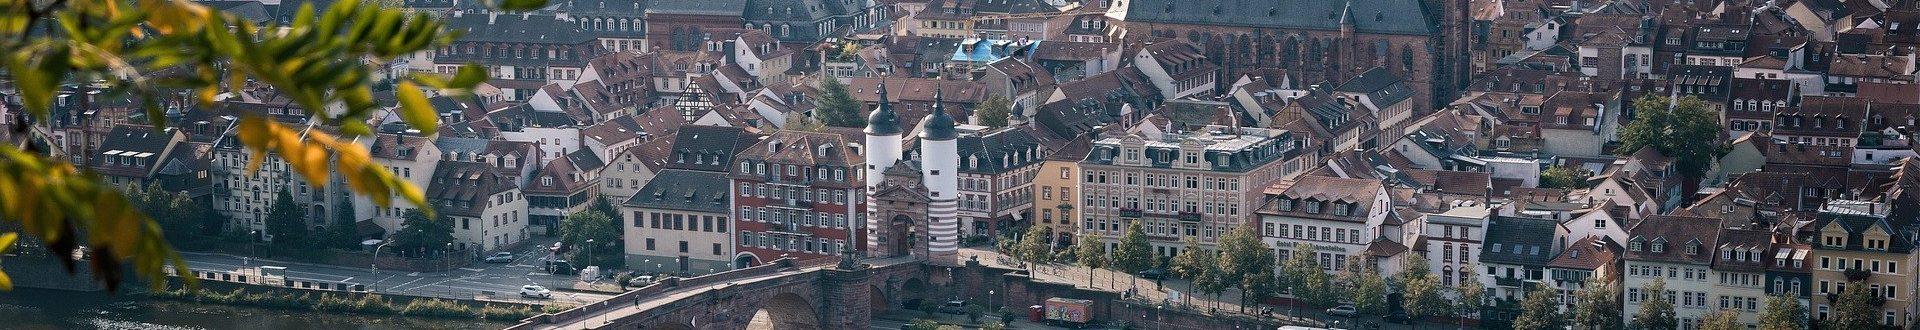 Schoolreizen Duitsland met Veenstra Reizen